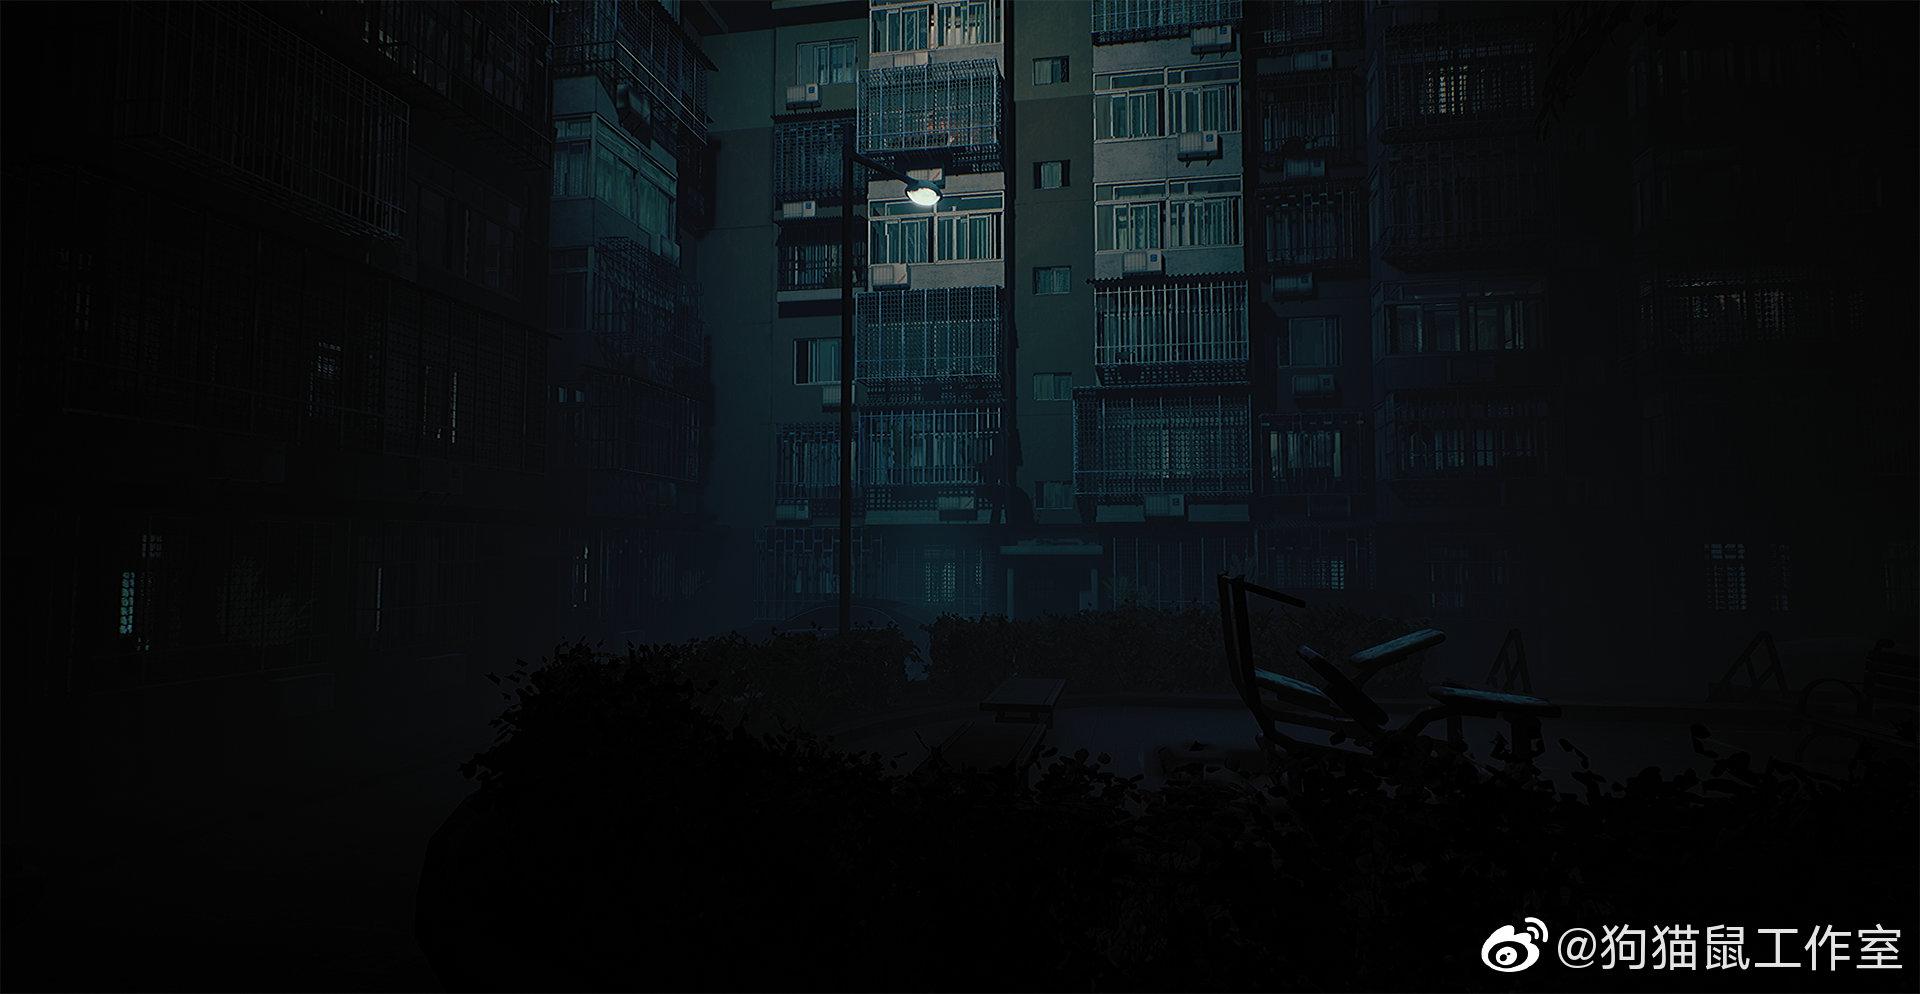 取材自鲁迅作品的国产恐怖游戏《人窟日记》新概念图